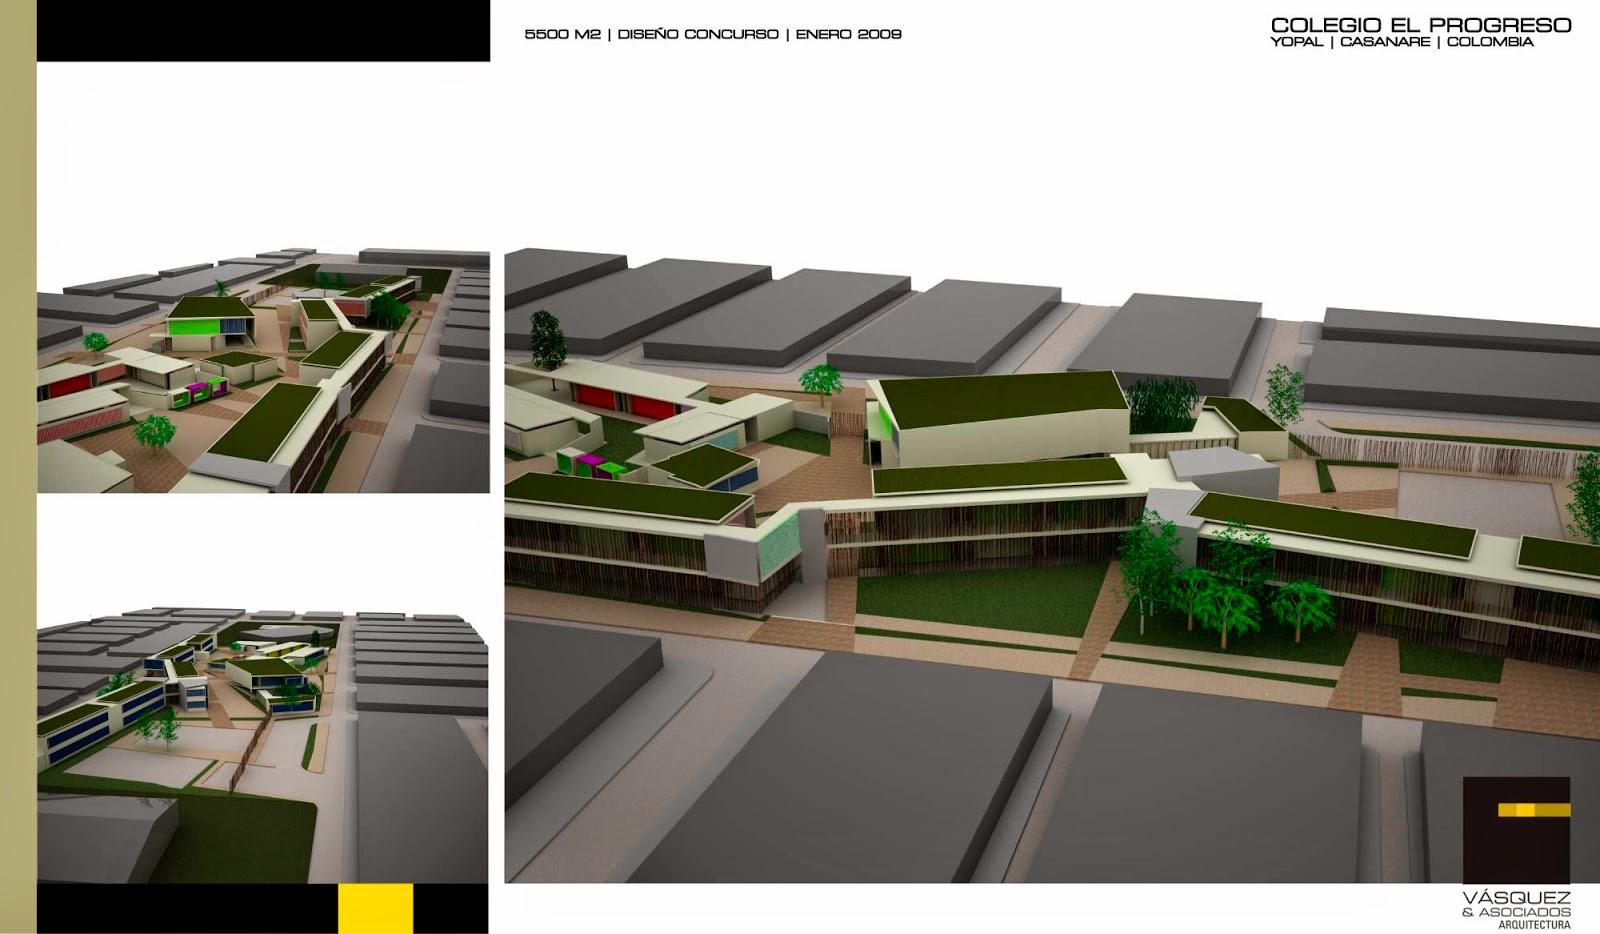 Vasquez y asociados arquitectura ltda colegio el progreso for Genesis arquitectura y diseno ltda